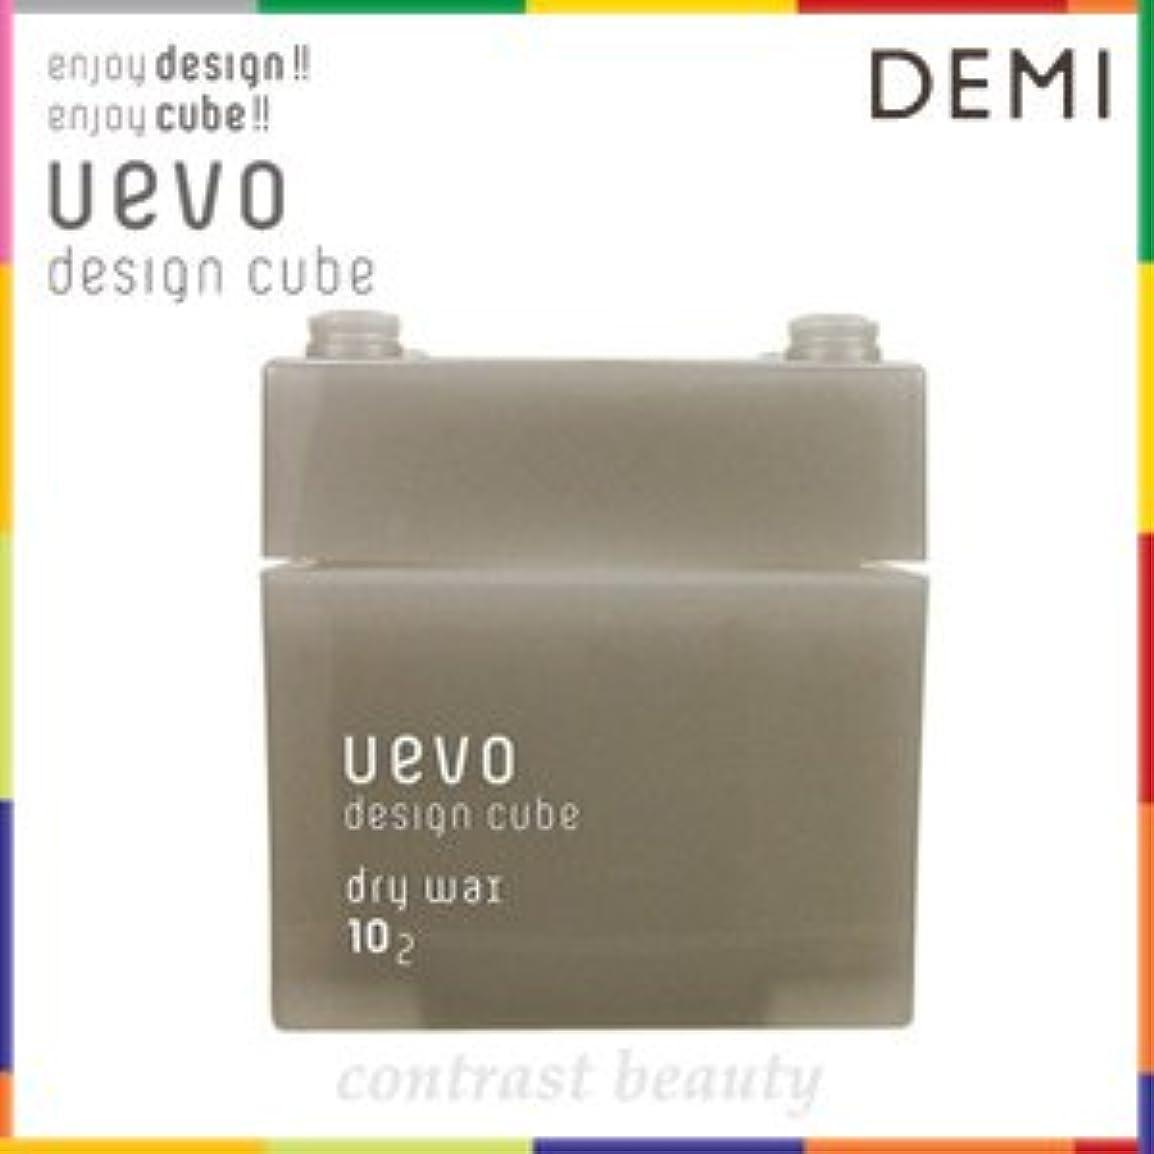 山岳パイプマナー【X4個セット】 デミ ウェーボ デザインキューブ ドライワックス 80g dry wax DEMI uevo design cube